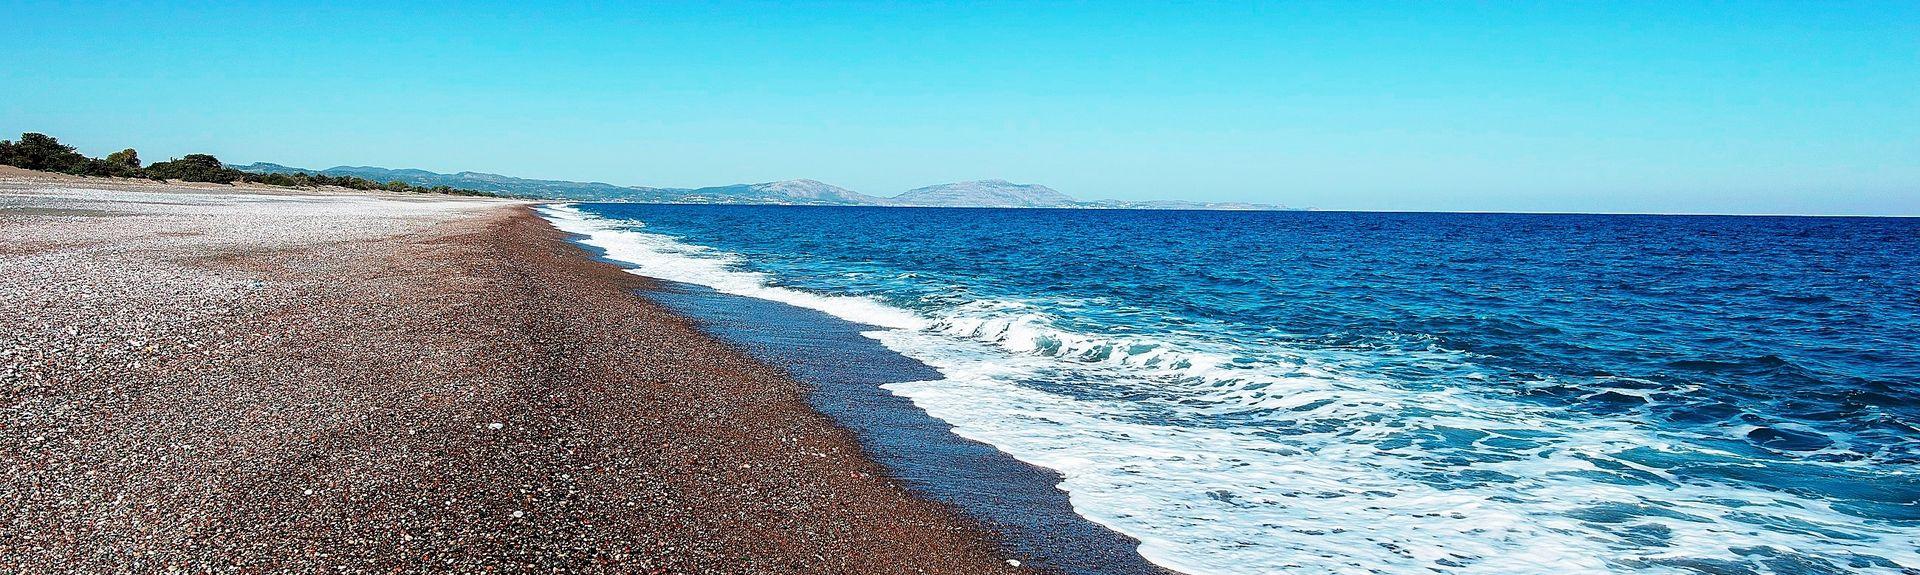 Lardos, Greece